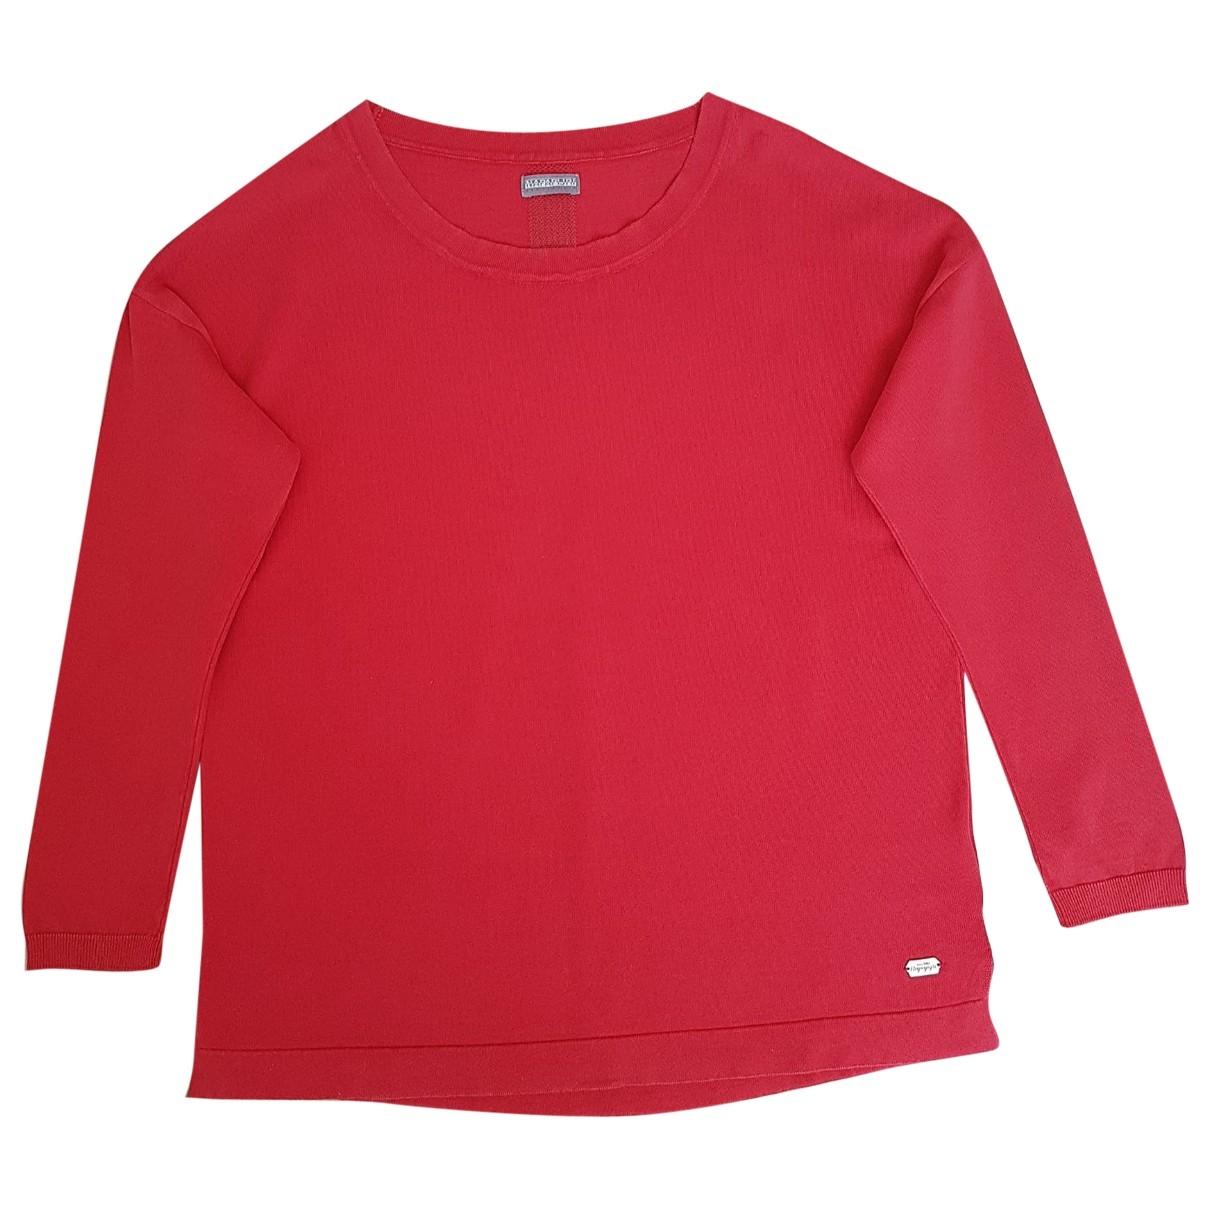 Napapijri \N Red Cotton Knitwear for Women S International